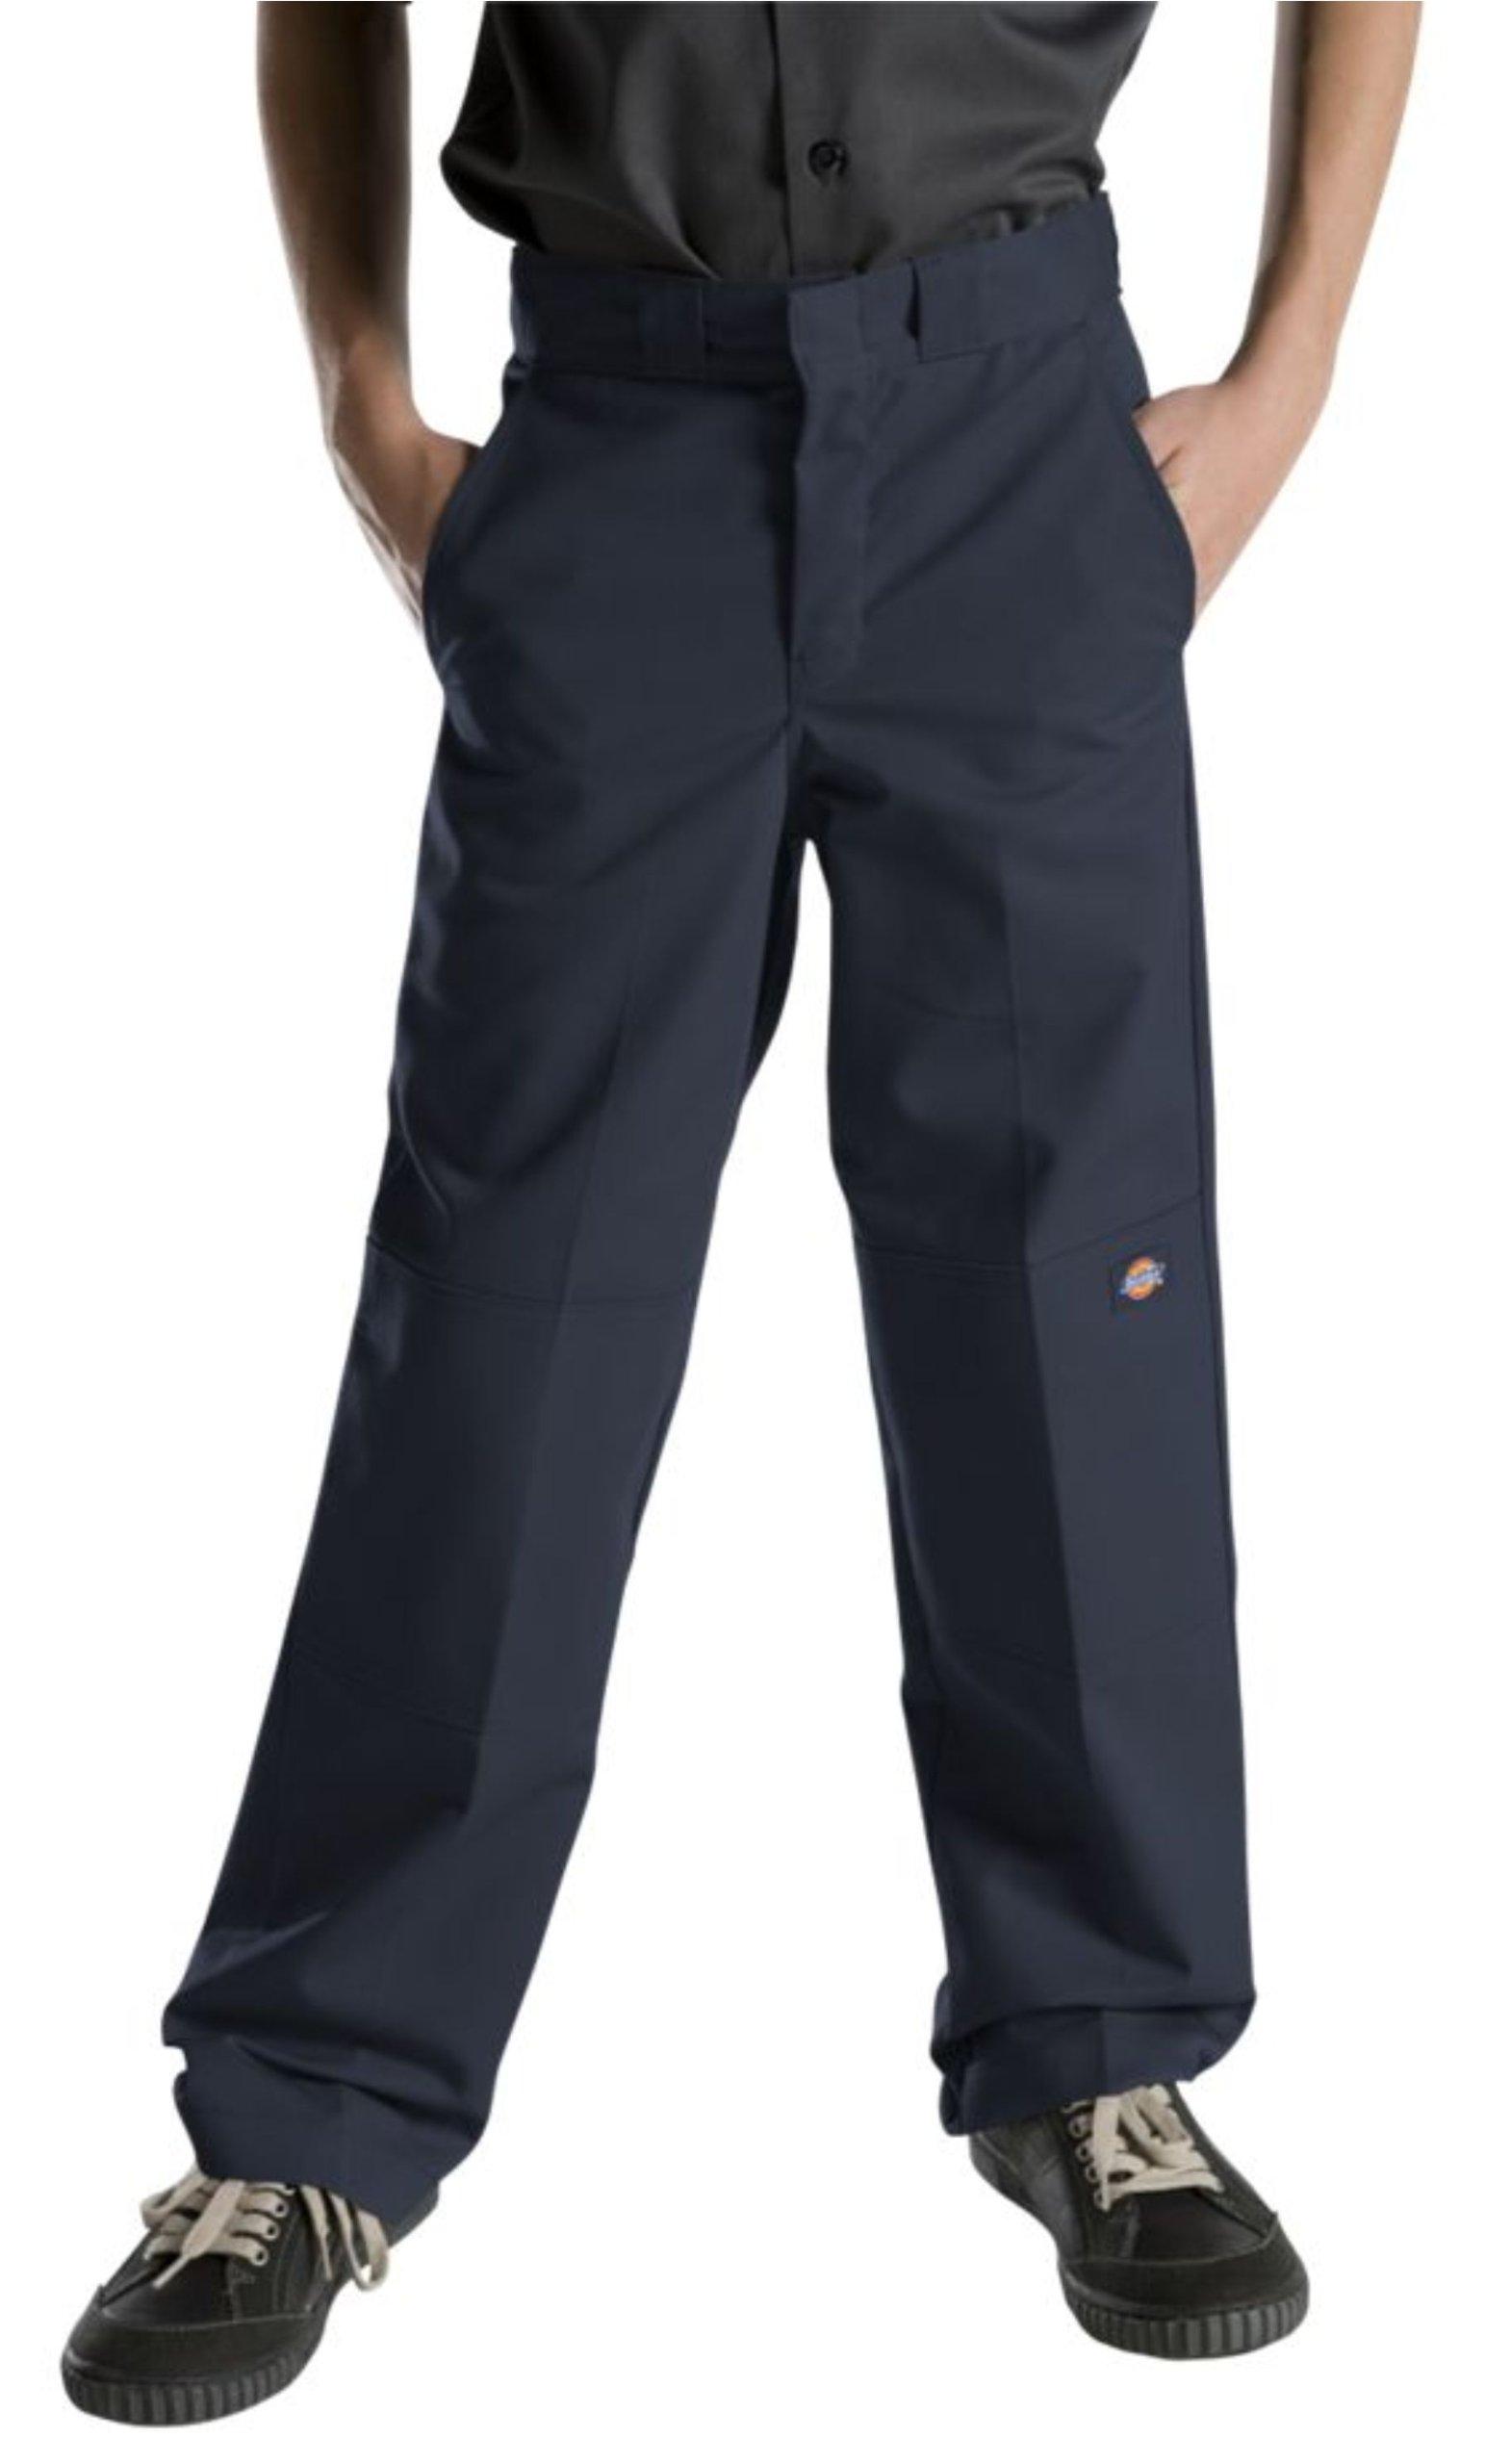 Dickies Big Boys' Flex Waist Double Knee Pant, Dark Navy, 10 by Dickies